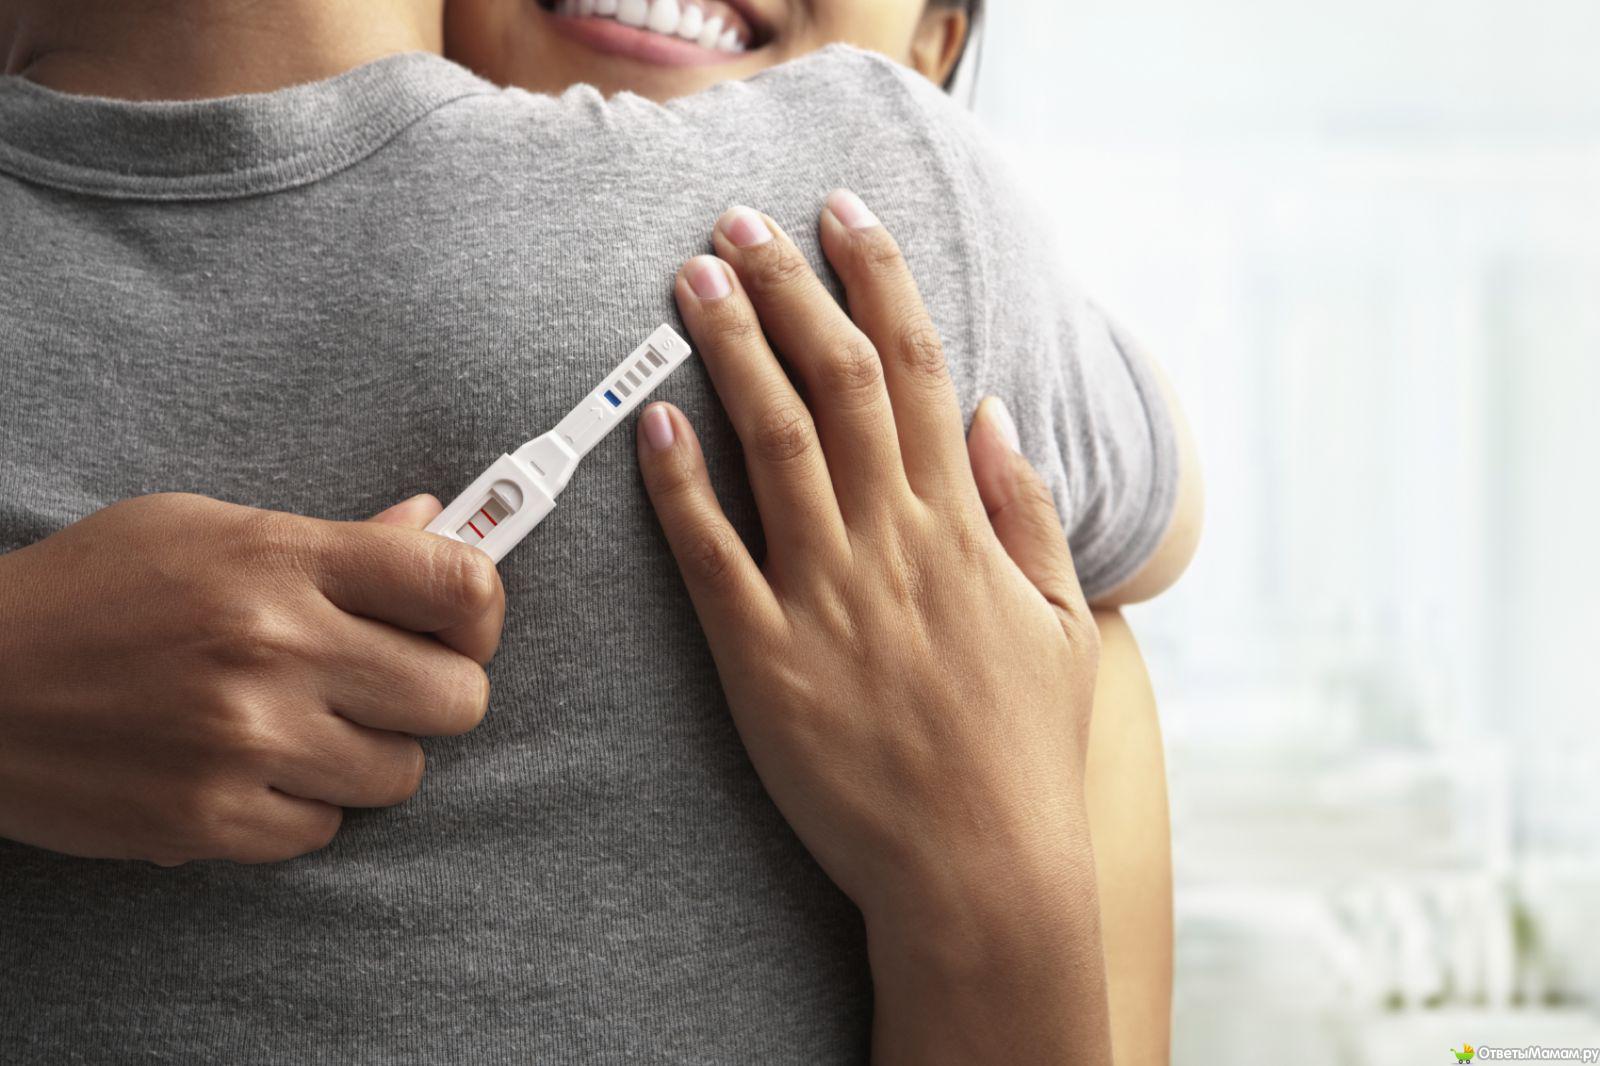 Тест на беременность на каком сроке может показать